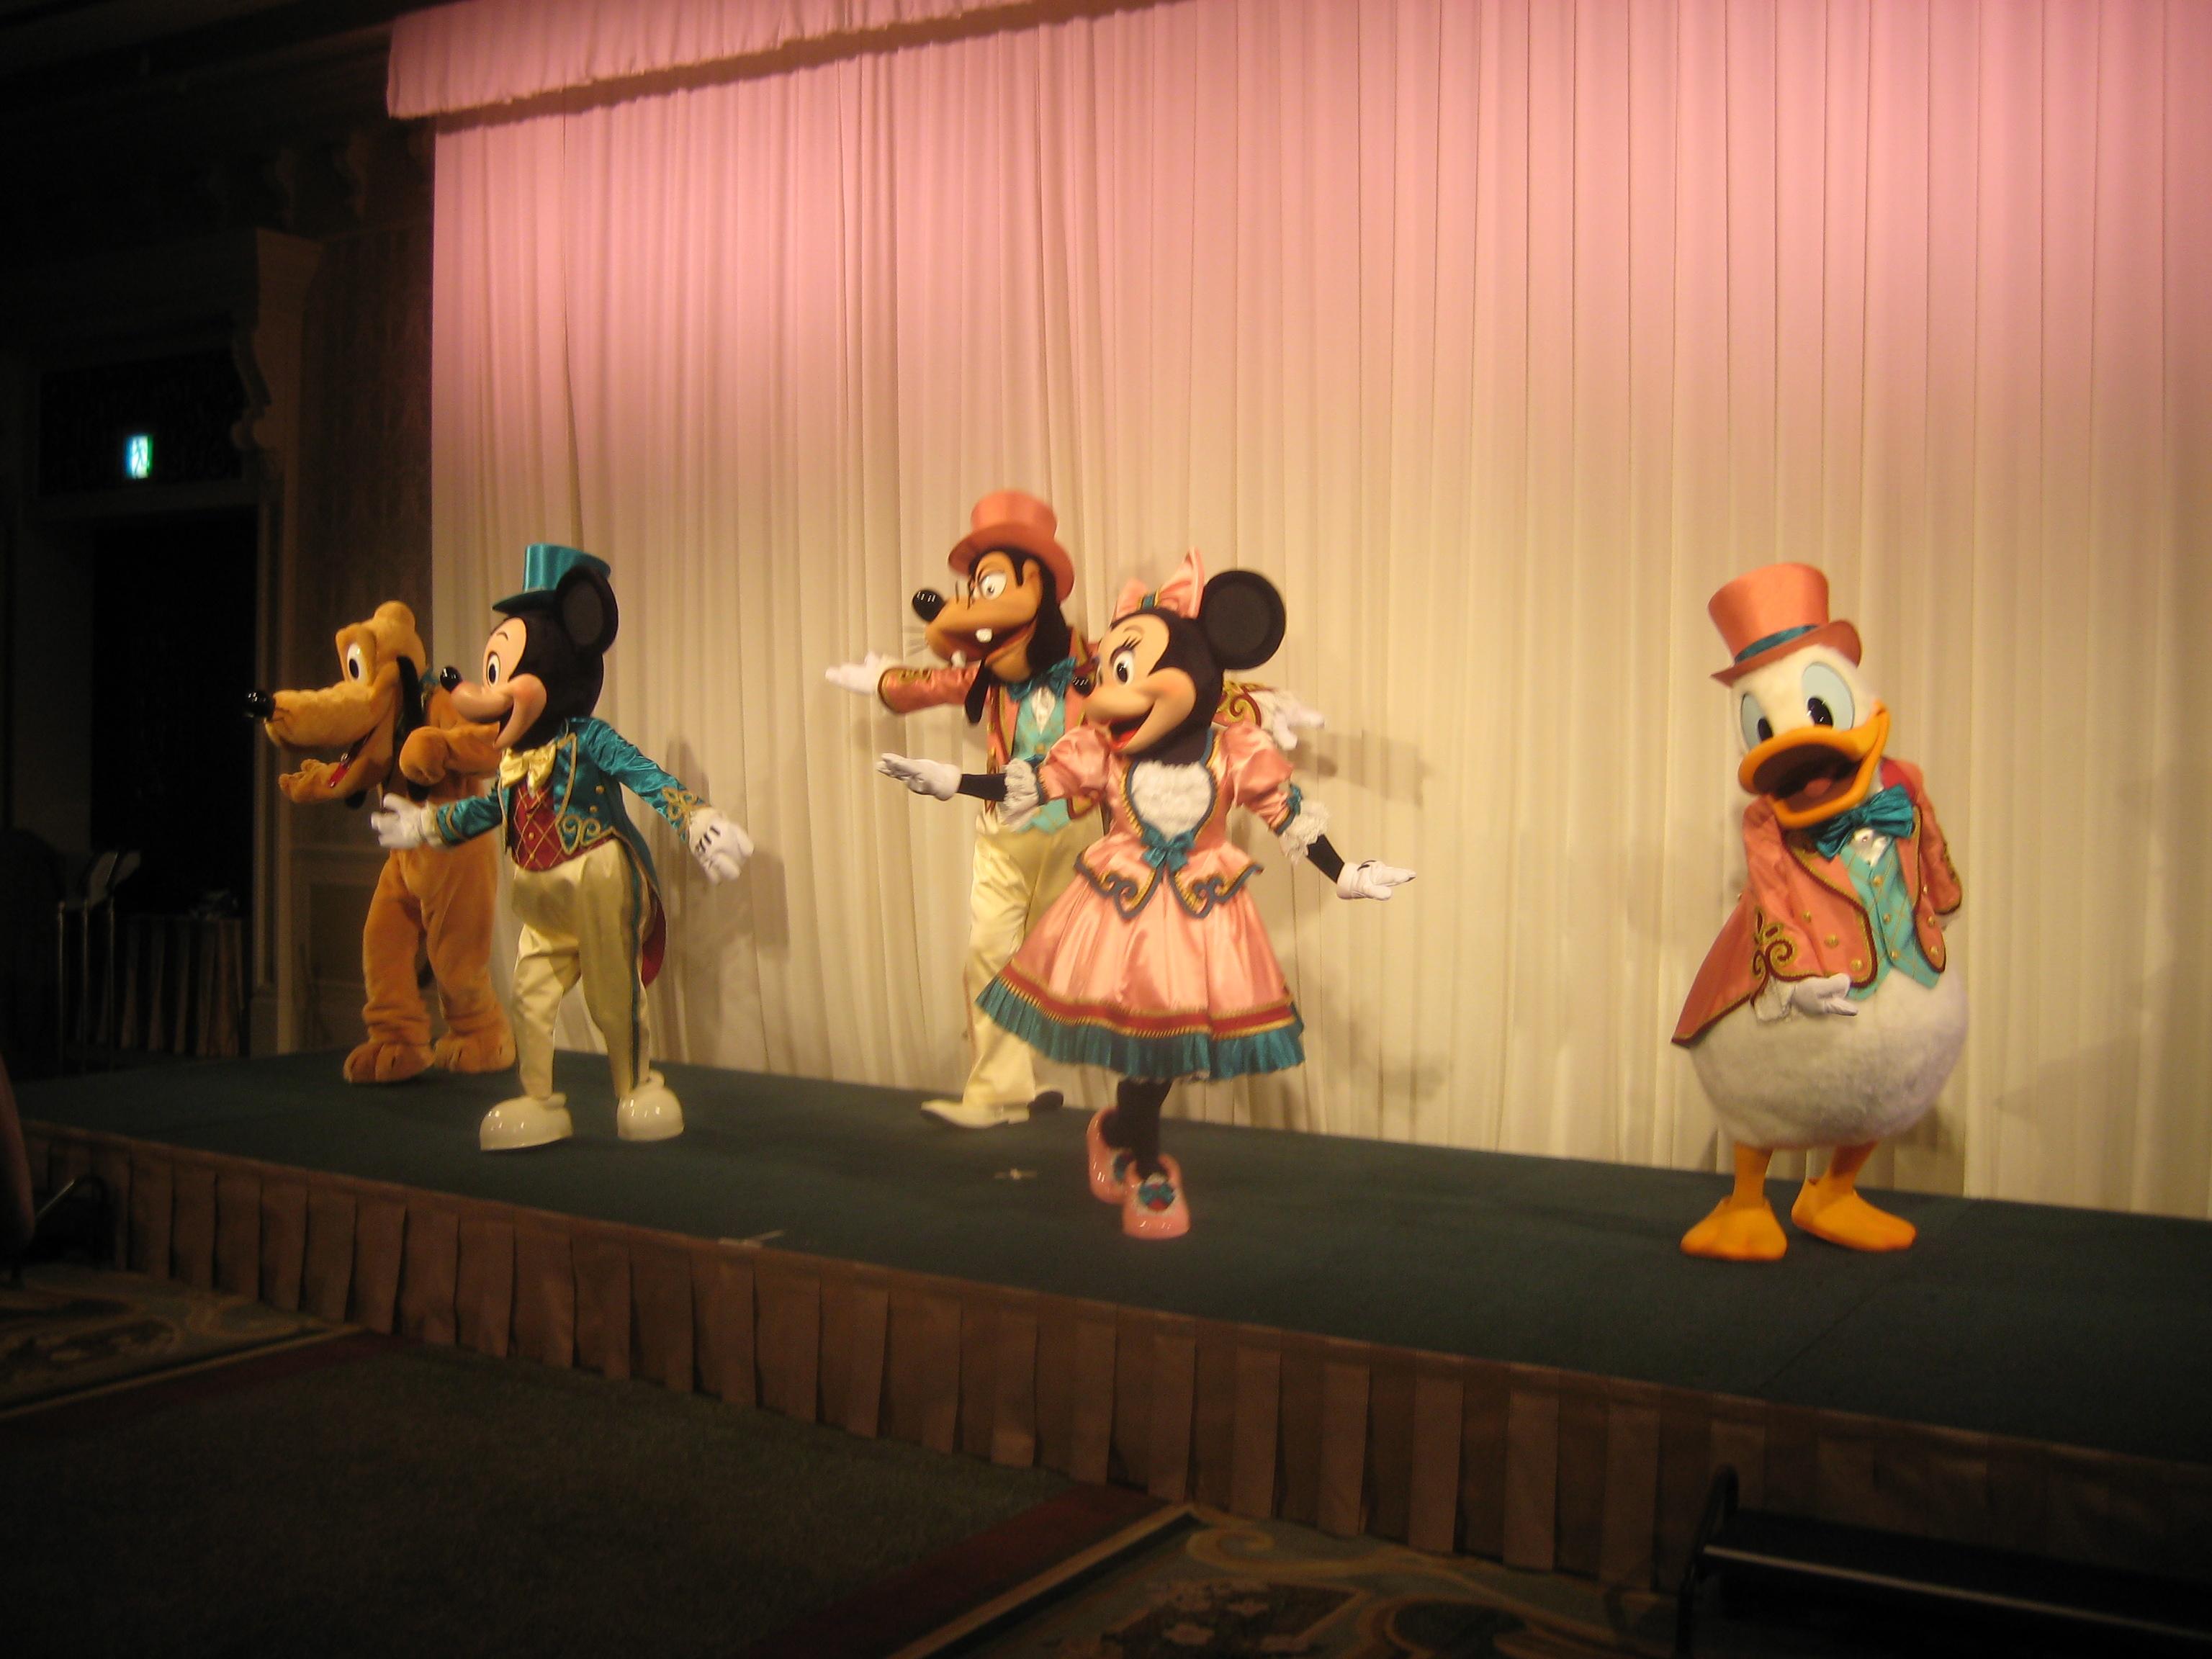 ディズニーランドホテルにてパーティー』東京ディズニーリゾート(千葉